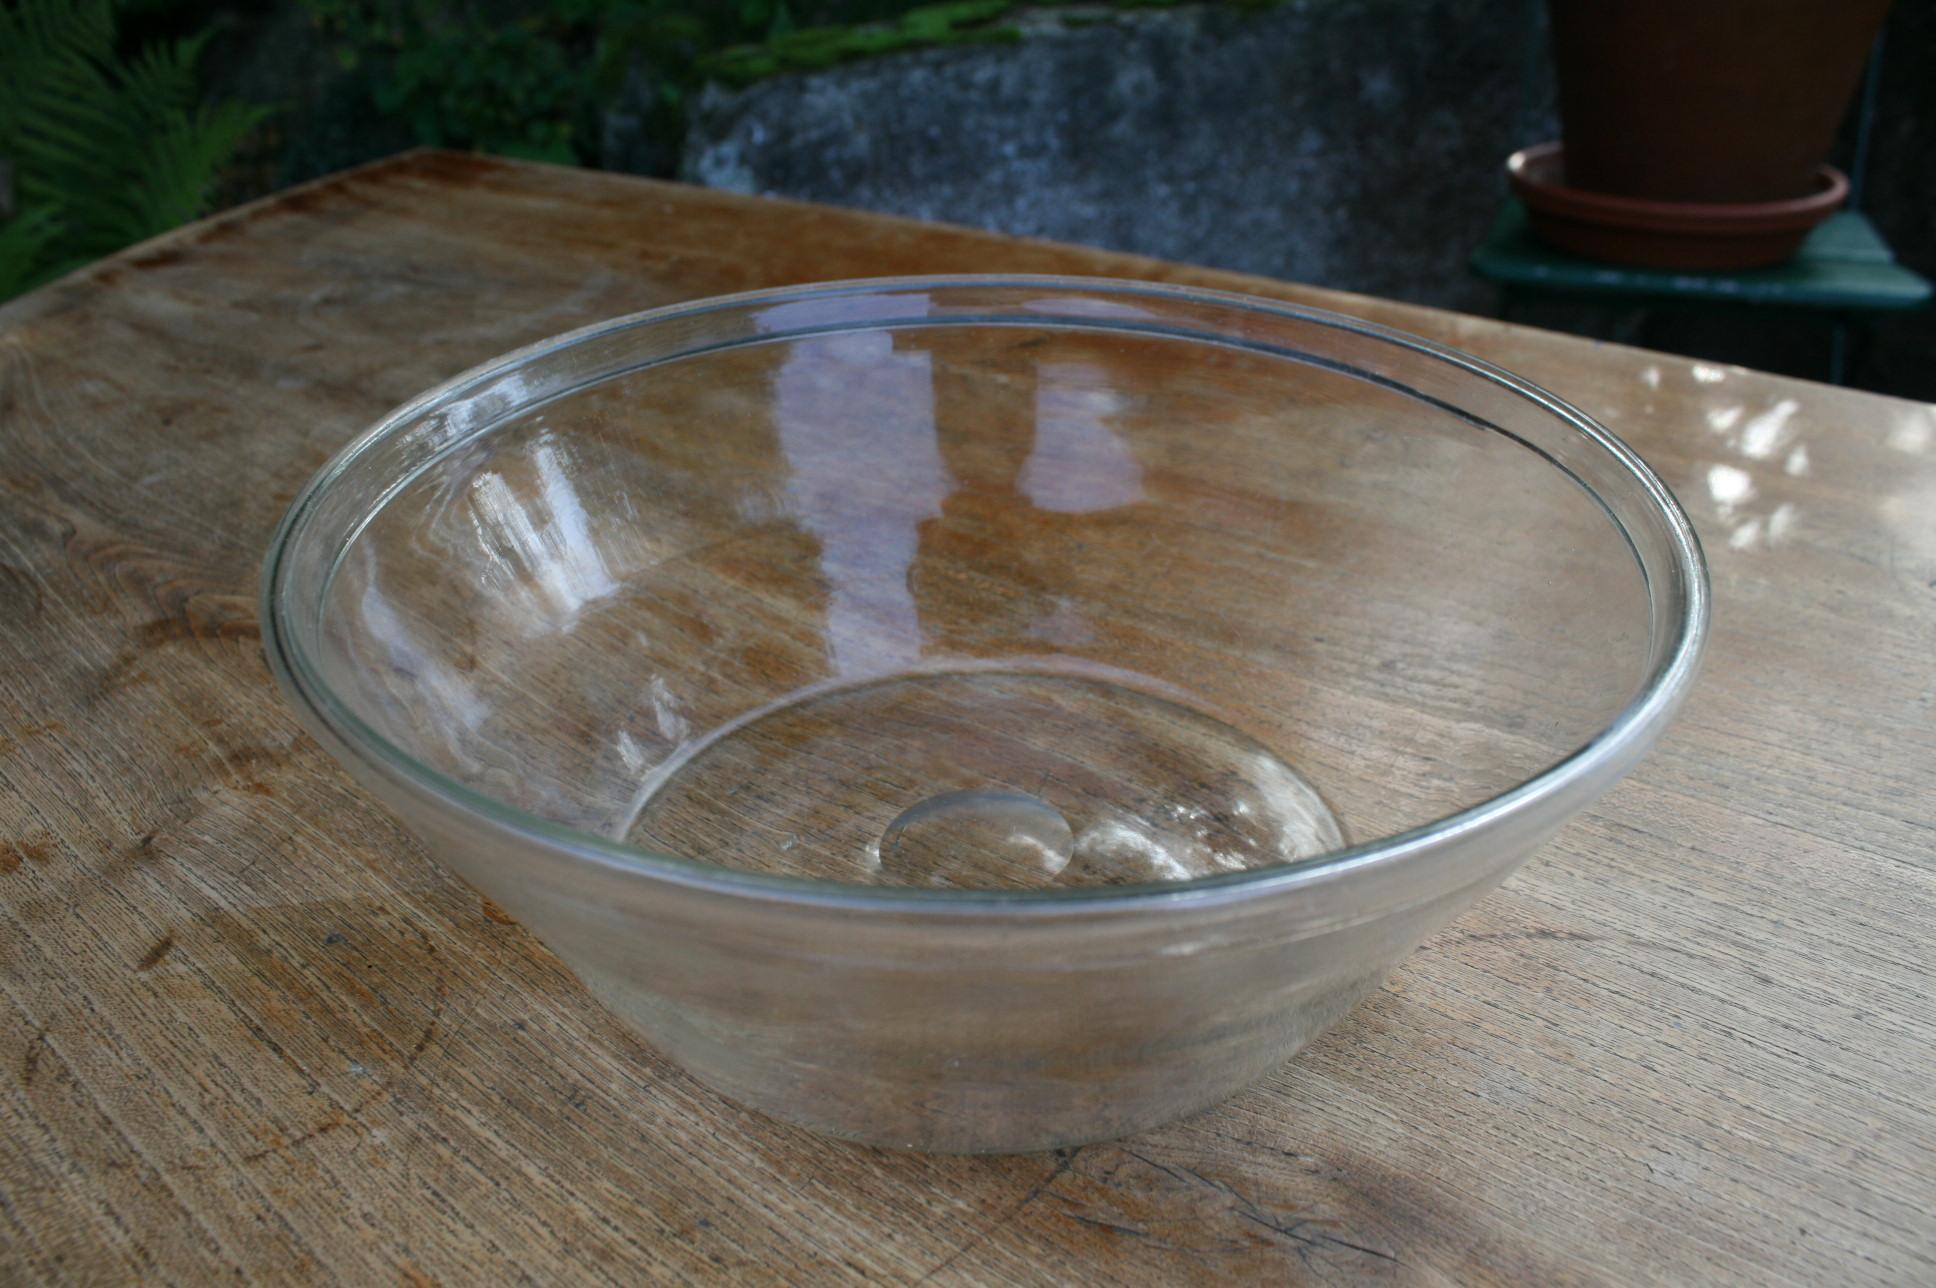 Antik mælke skål i glas uden hældetud.